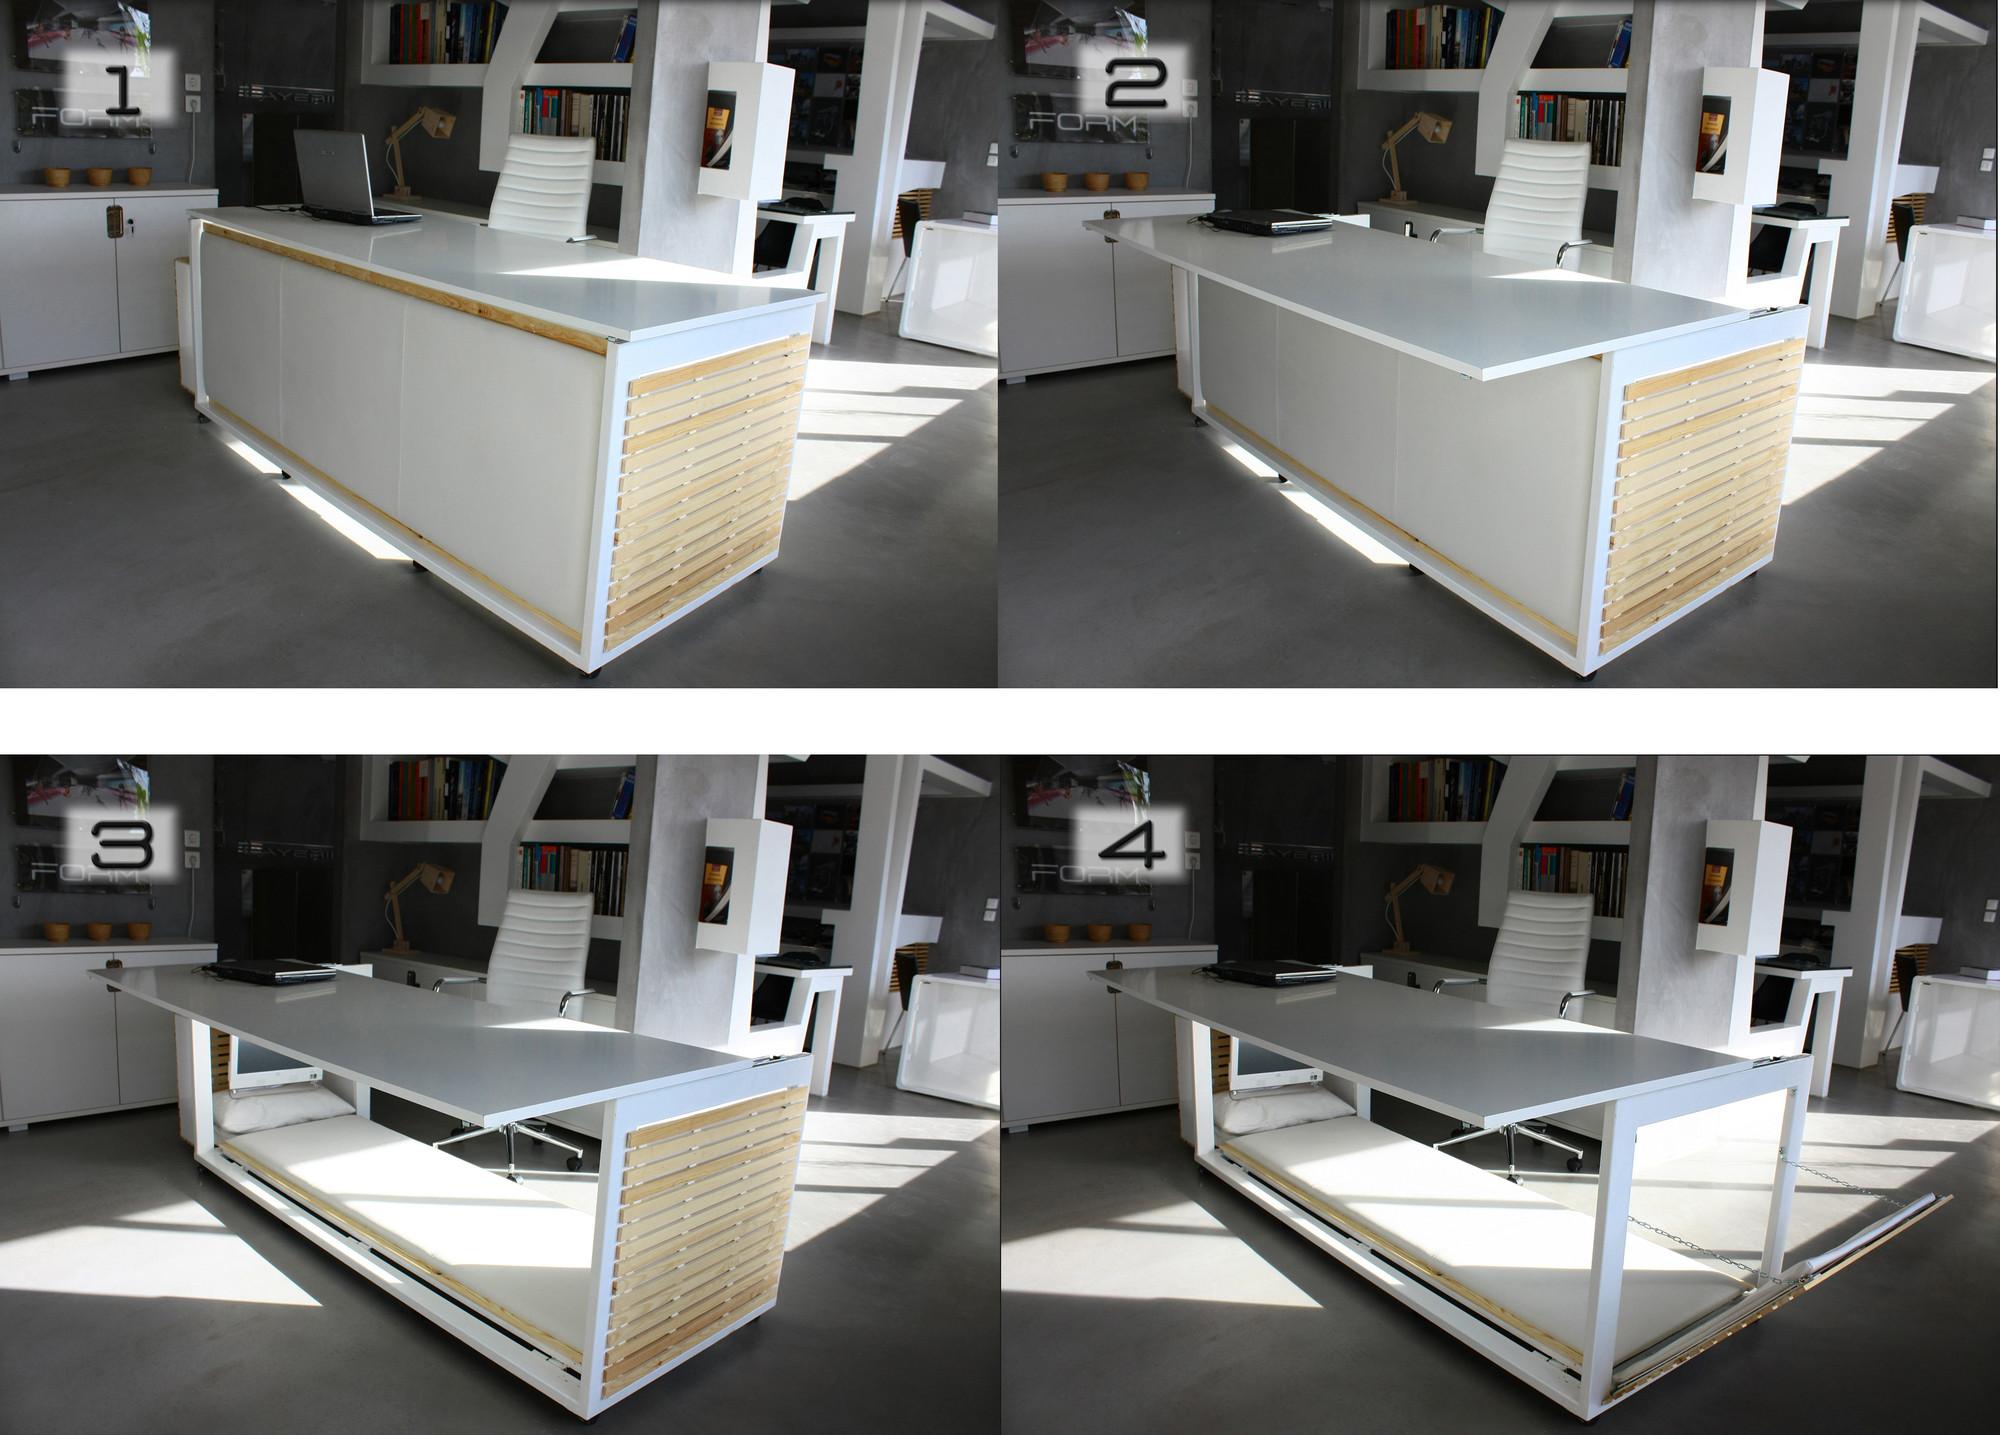 Resultado de imagen para cama que se convierte en escritorio